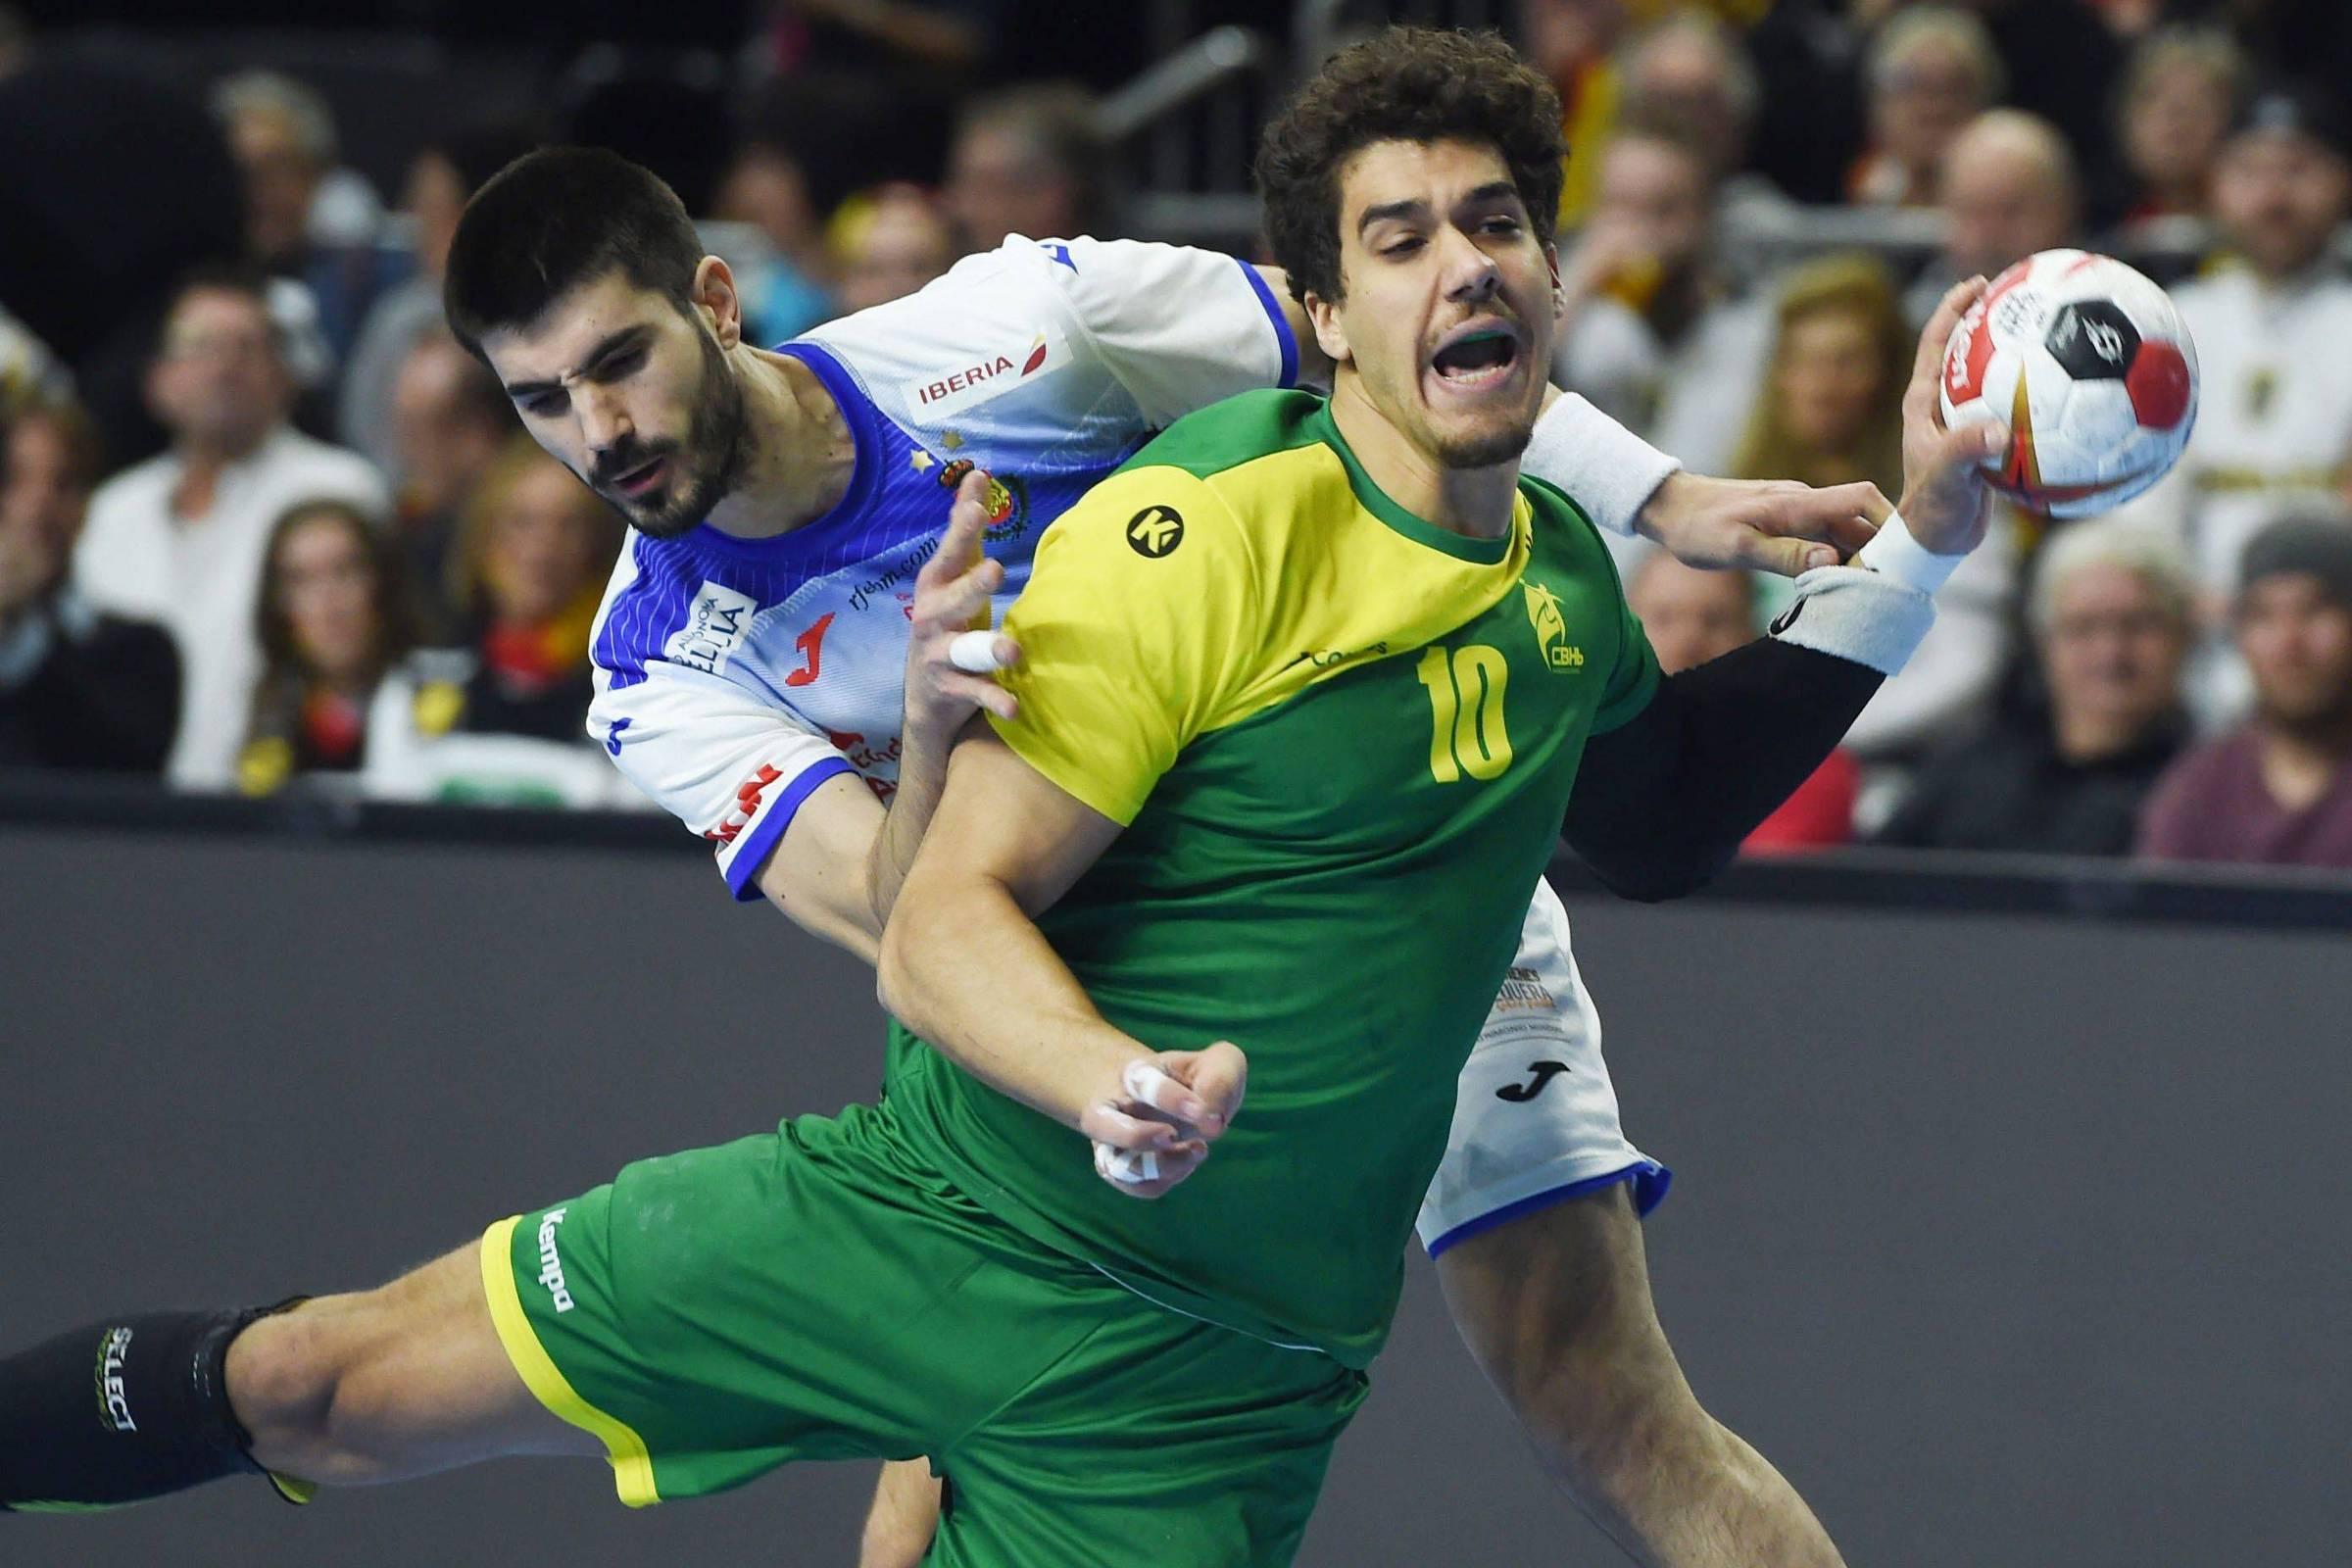 10c9d637ed Seleção de handebol perde para Espanha e não tem mais chances de semifinal  - 21 01 2019 - Esporte - Folha